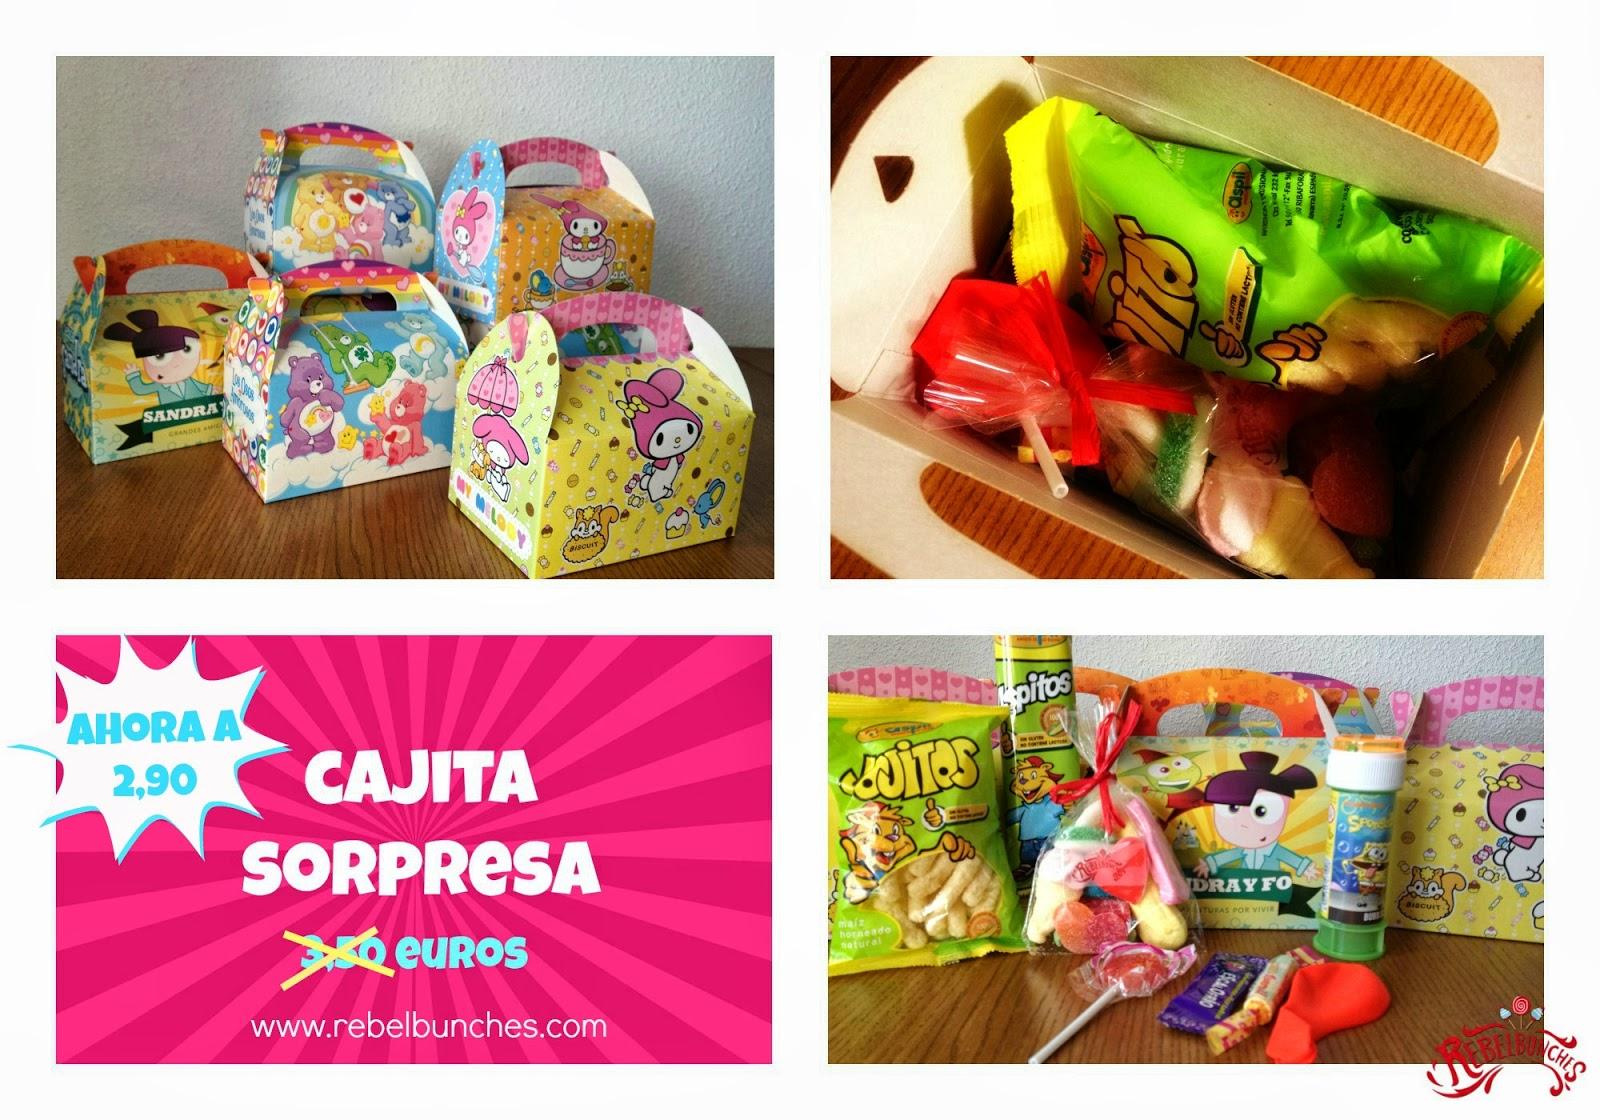 Z64+-+cajita+sorpresa_nuevo+precio.jpg